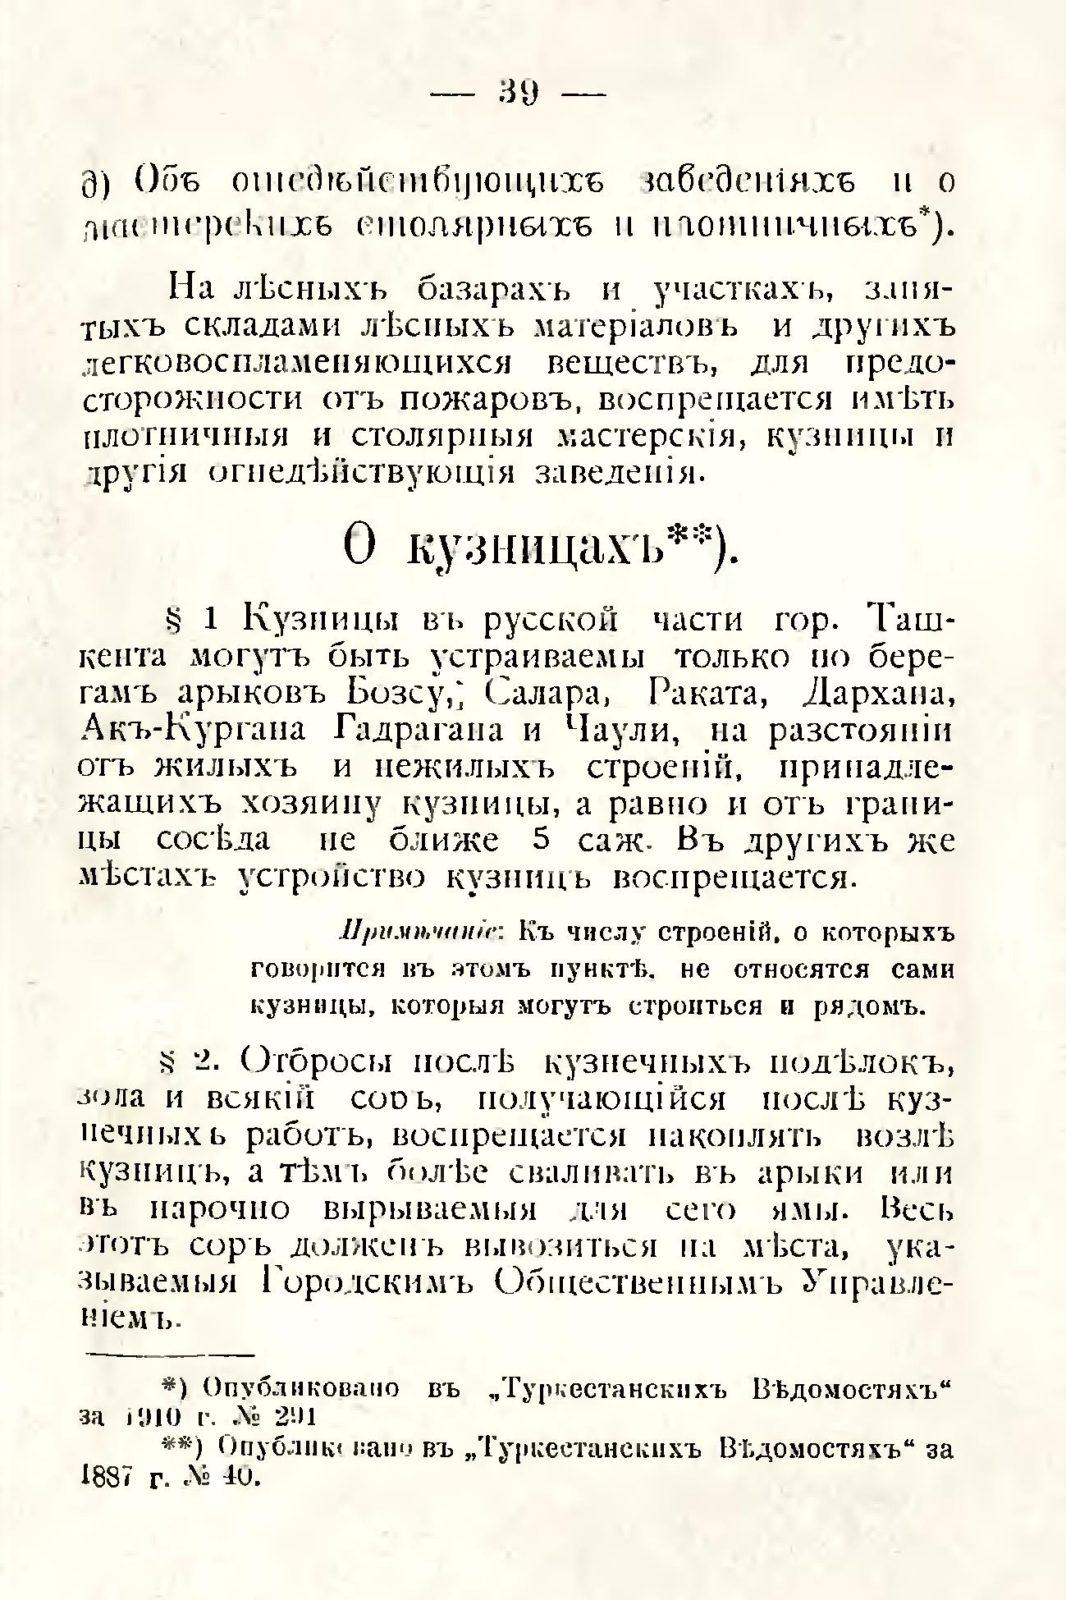 sbornik_obyazatelnyh_postanovlenii_tashkentskoi_gorodskoi_du_43